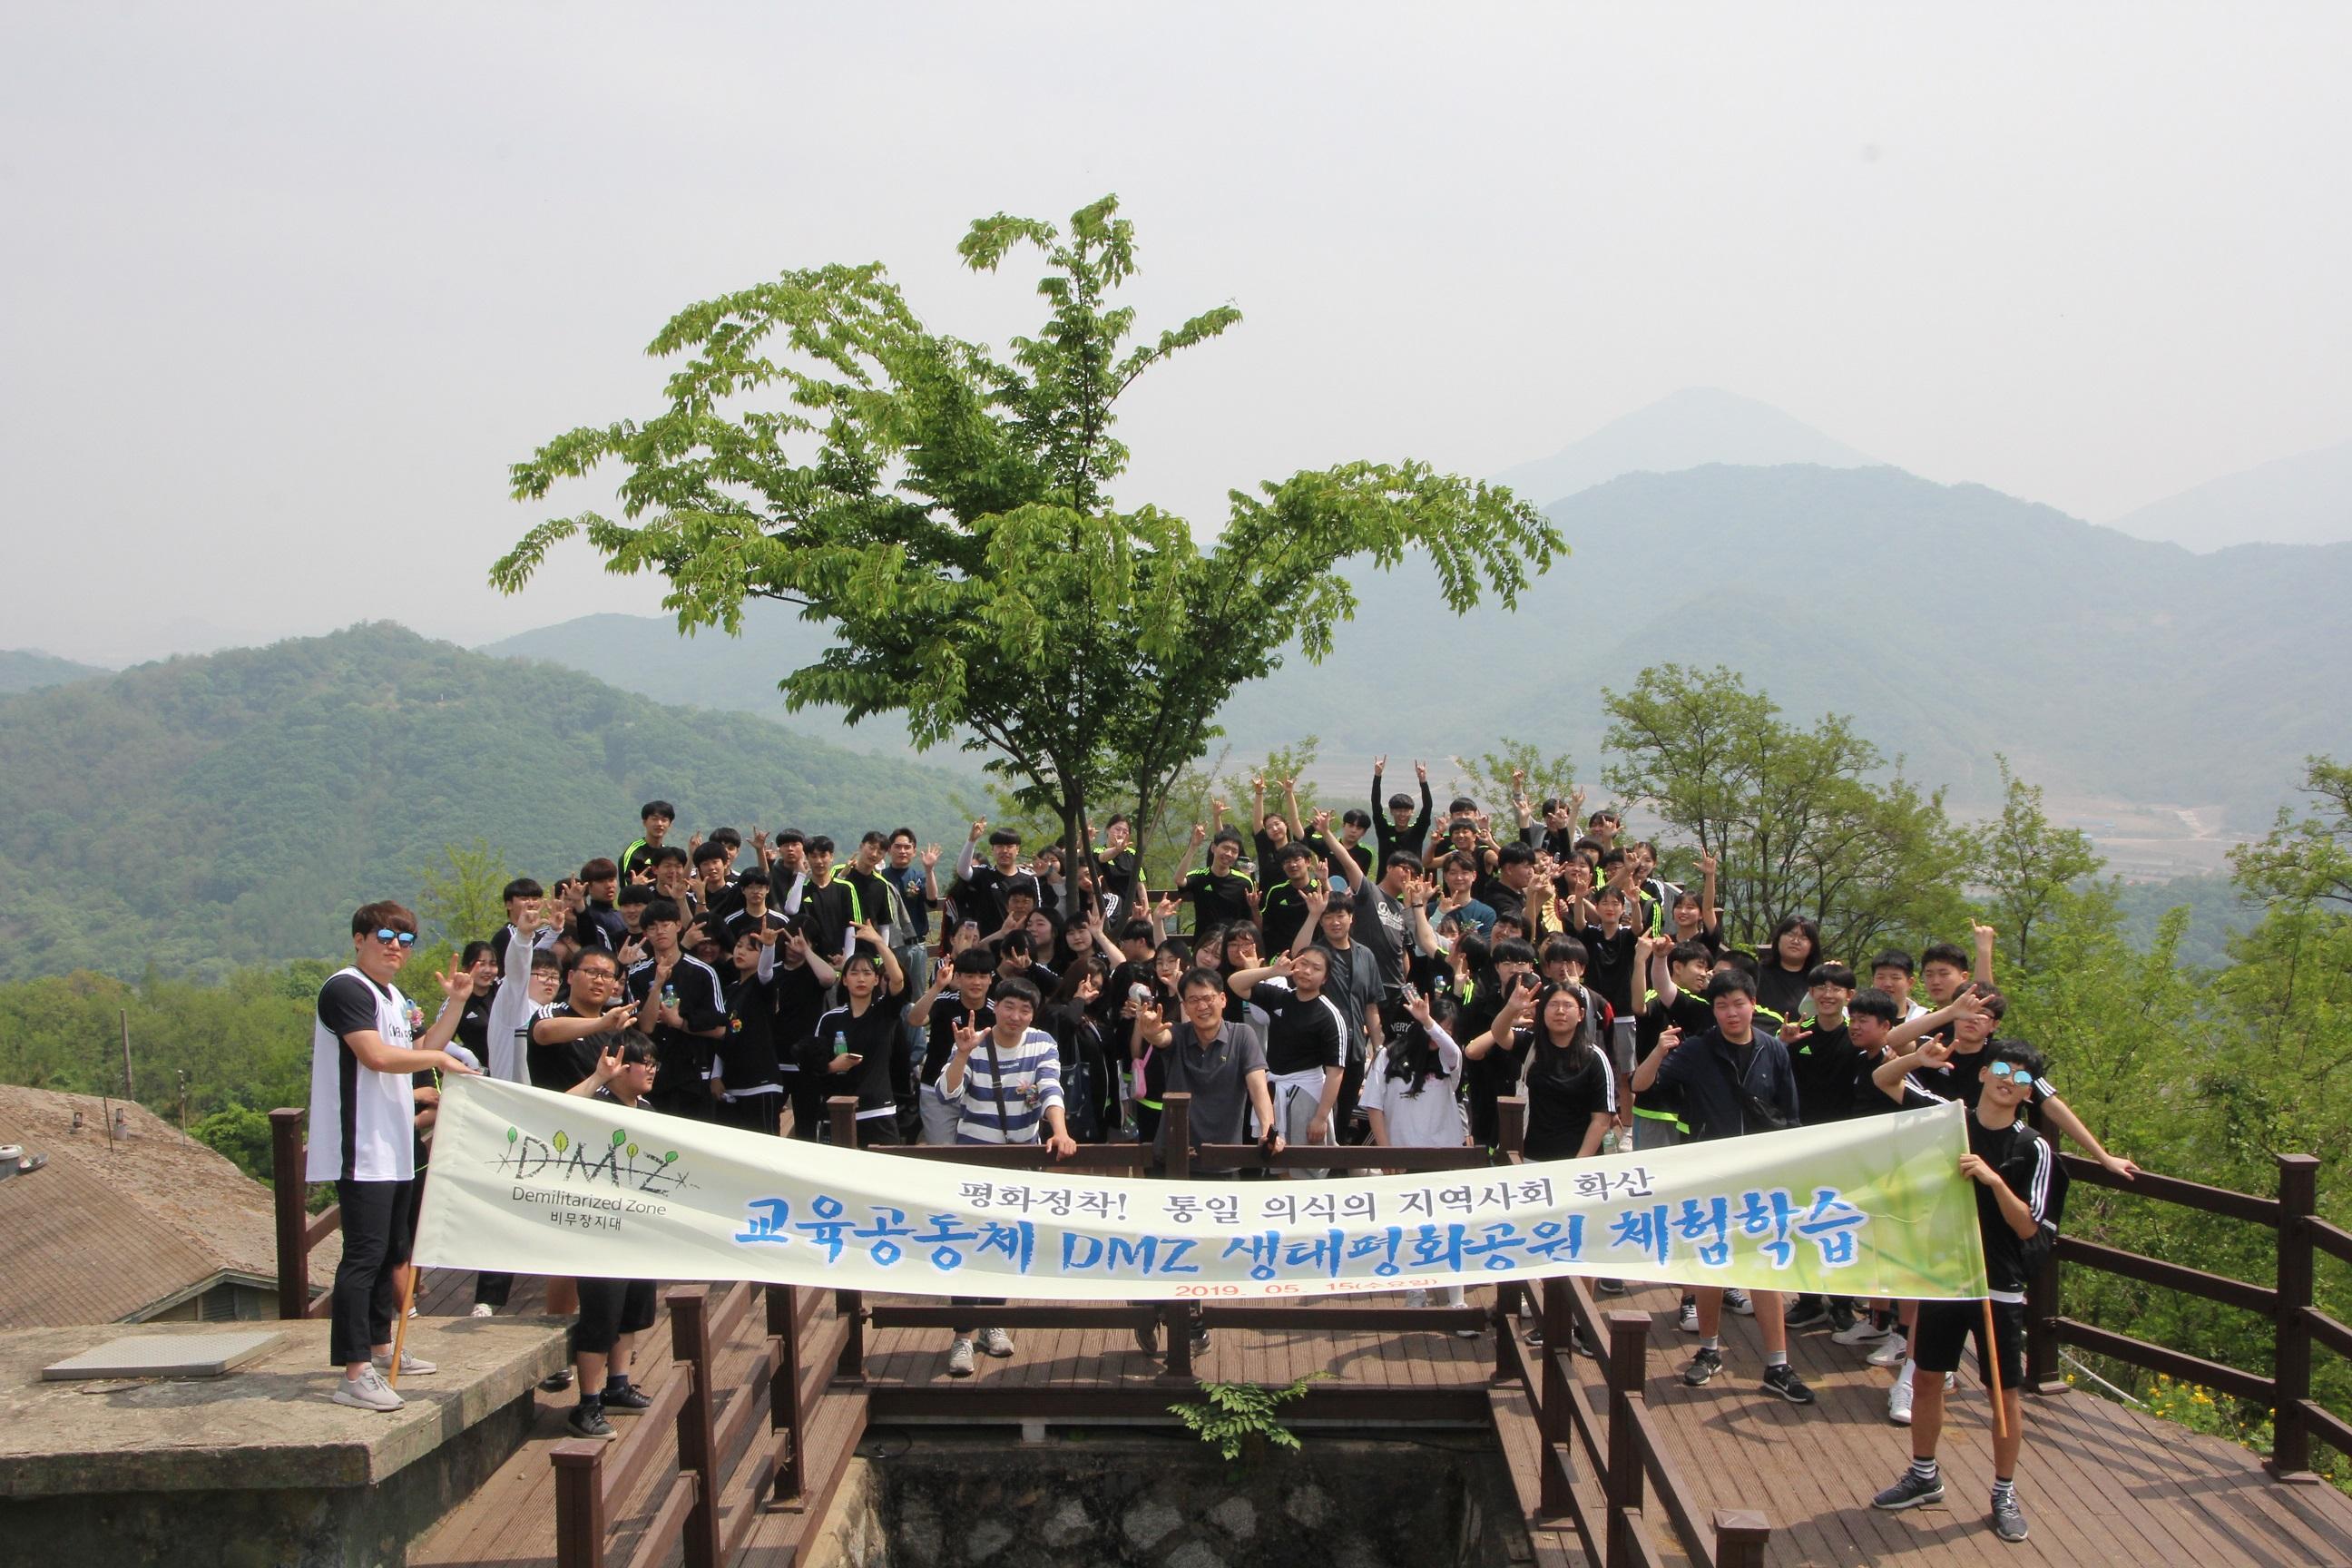 [일반] [5/15] 사제동행 dmz 생태평화공원 걷기 행사의 첨부이미지 2